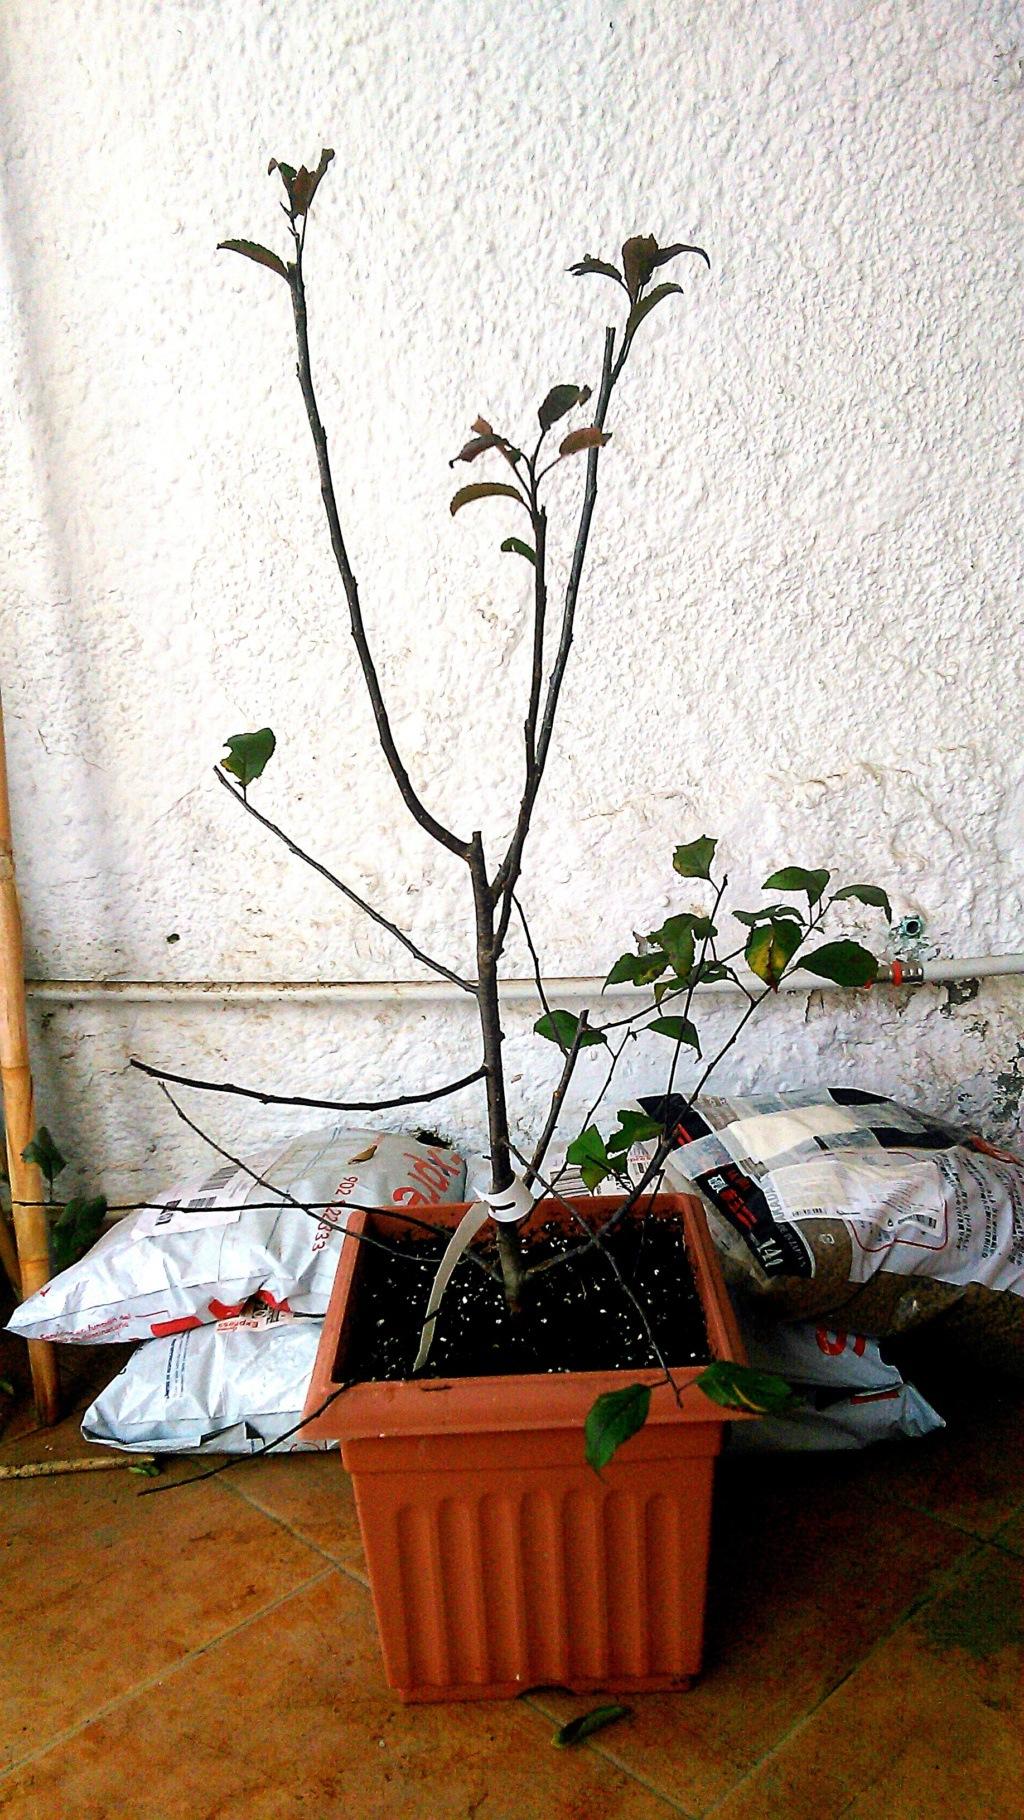 Compré esta plántula de Malus Prairie Fire de 70 cm de altura, corté las ramitas que giraban hacia dentro y la replanté. Quiero hacer un bonsai Omono: de 80 a 120 cm de altura. ¿Cómo procedo? Prairi11